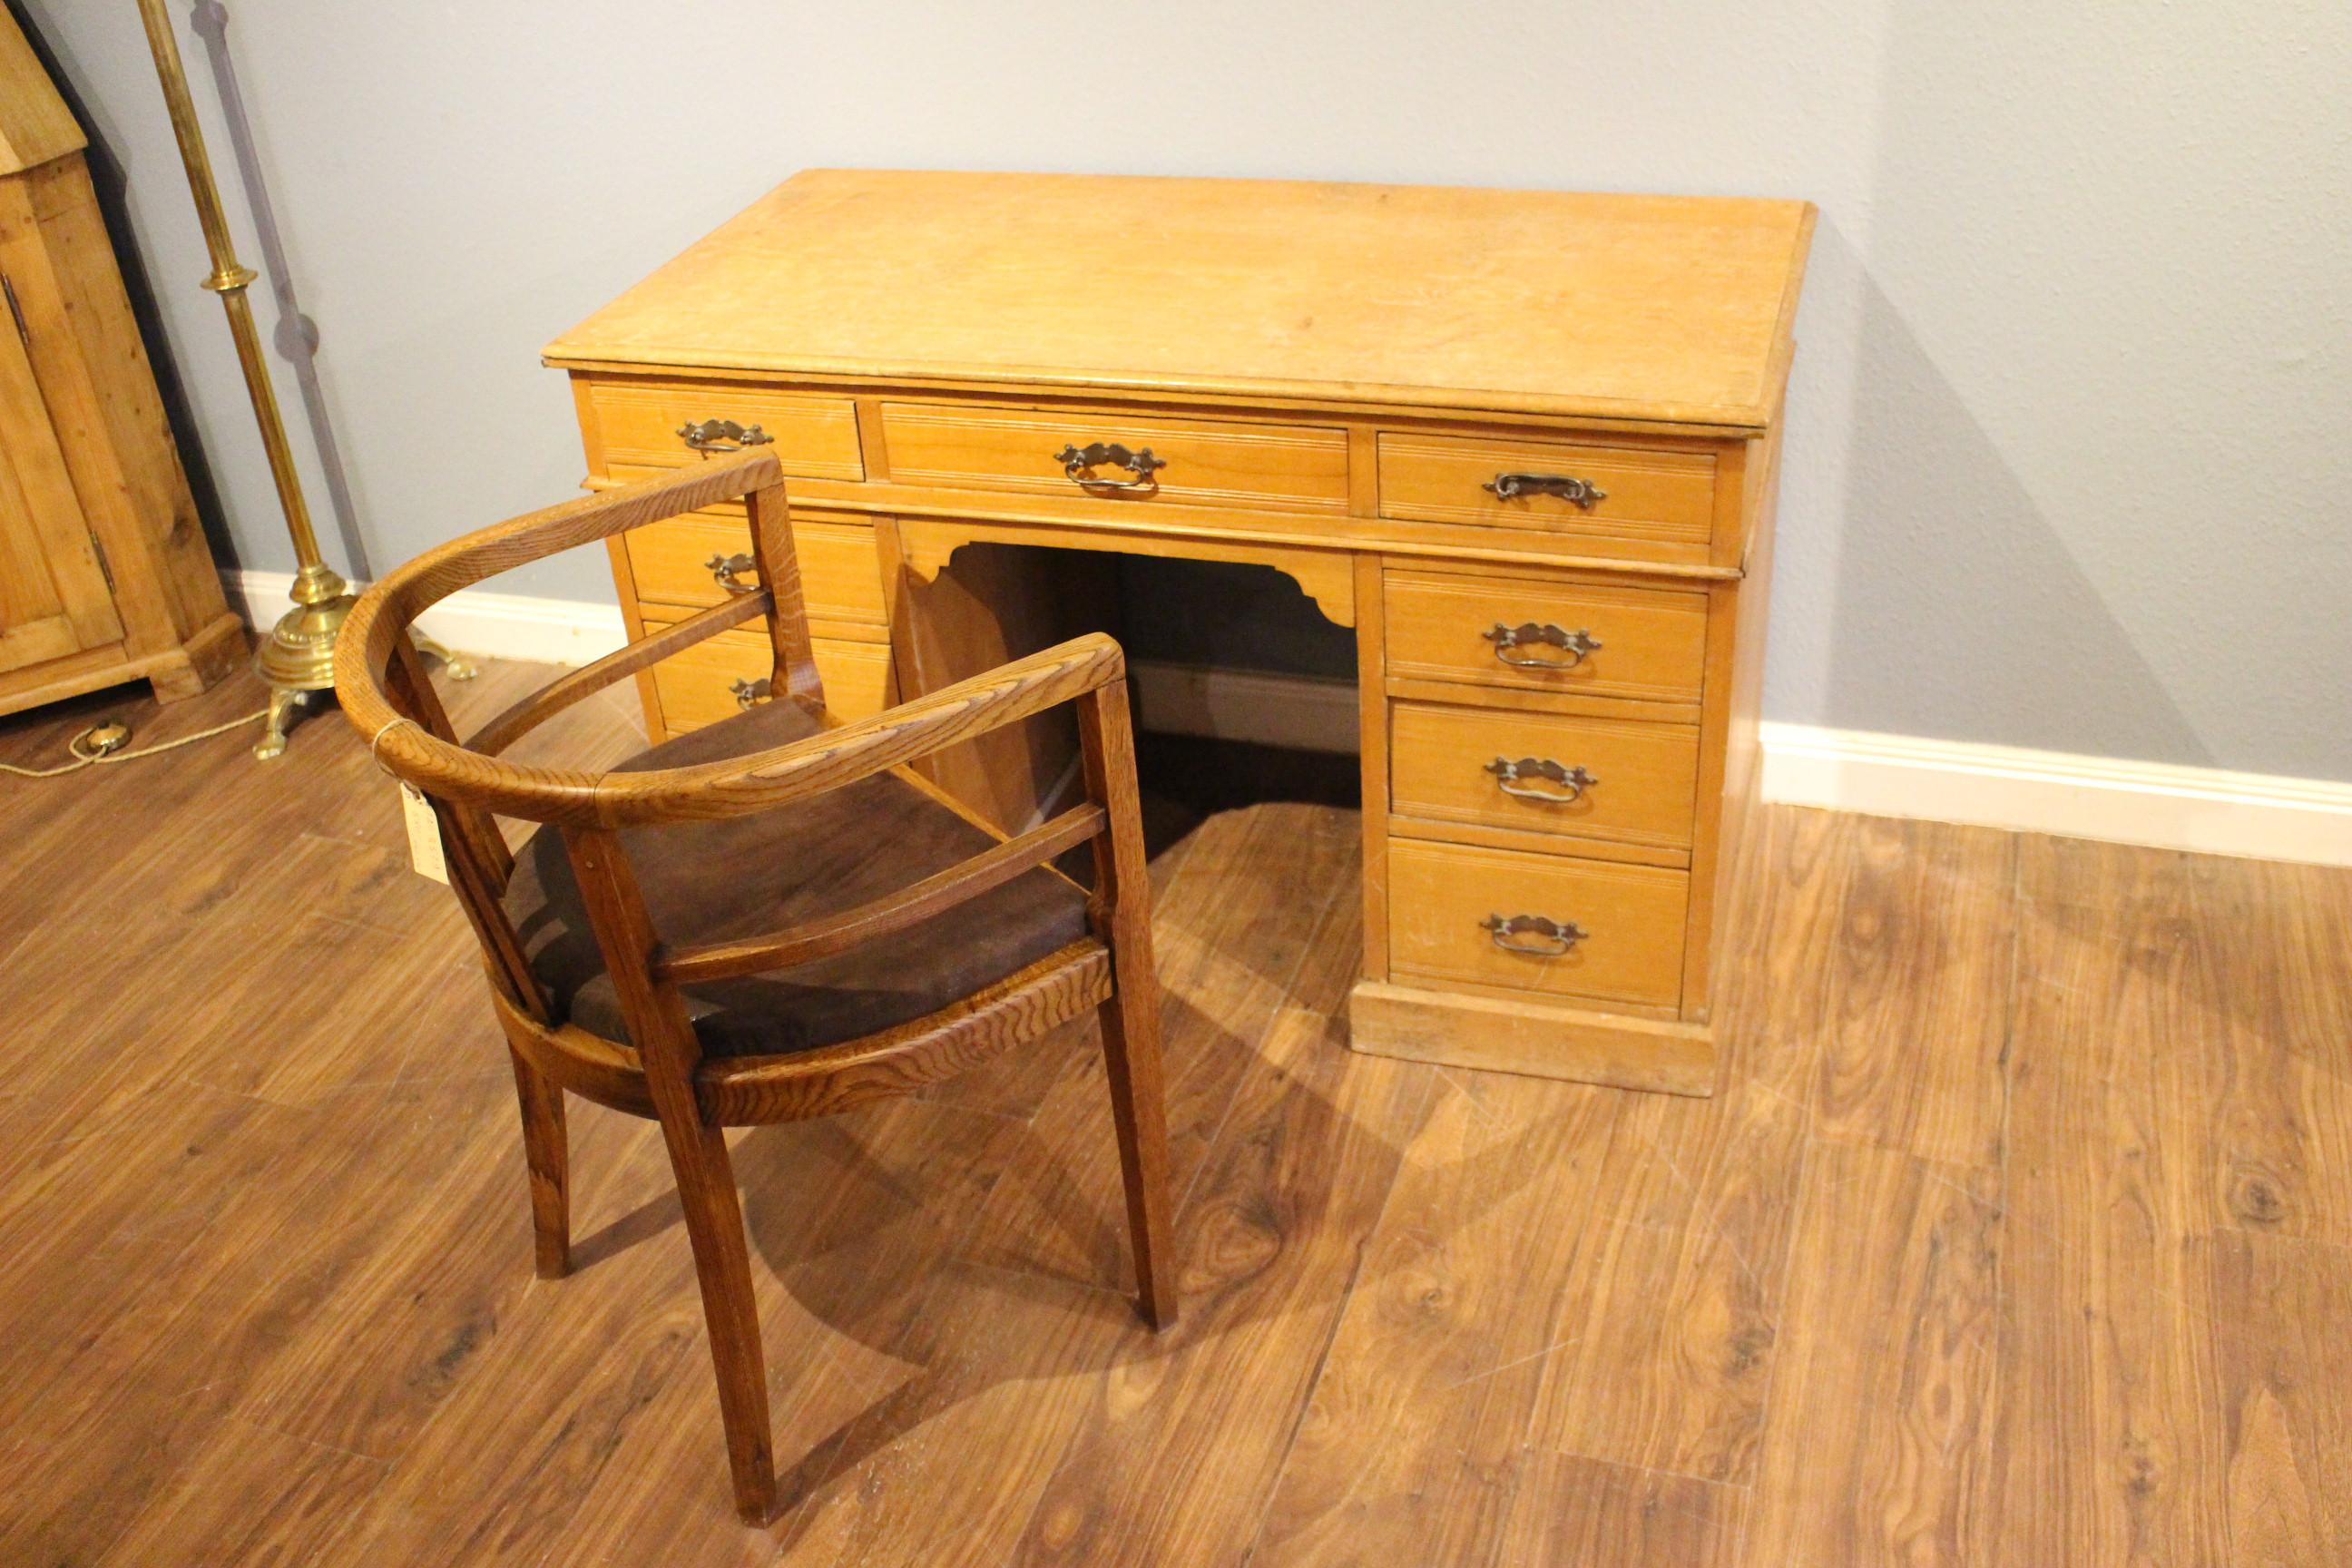 Alter Büro-Schreibtisch Kontor-Schreibtisch Jugendstil (Art.-Nr.: 03564)